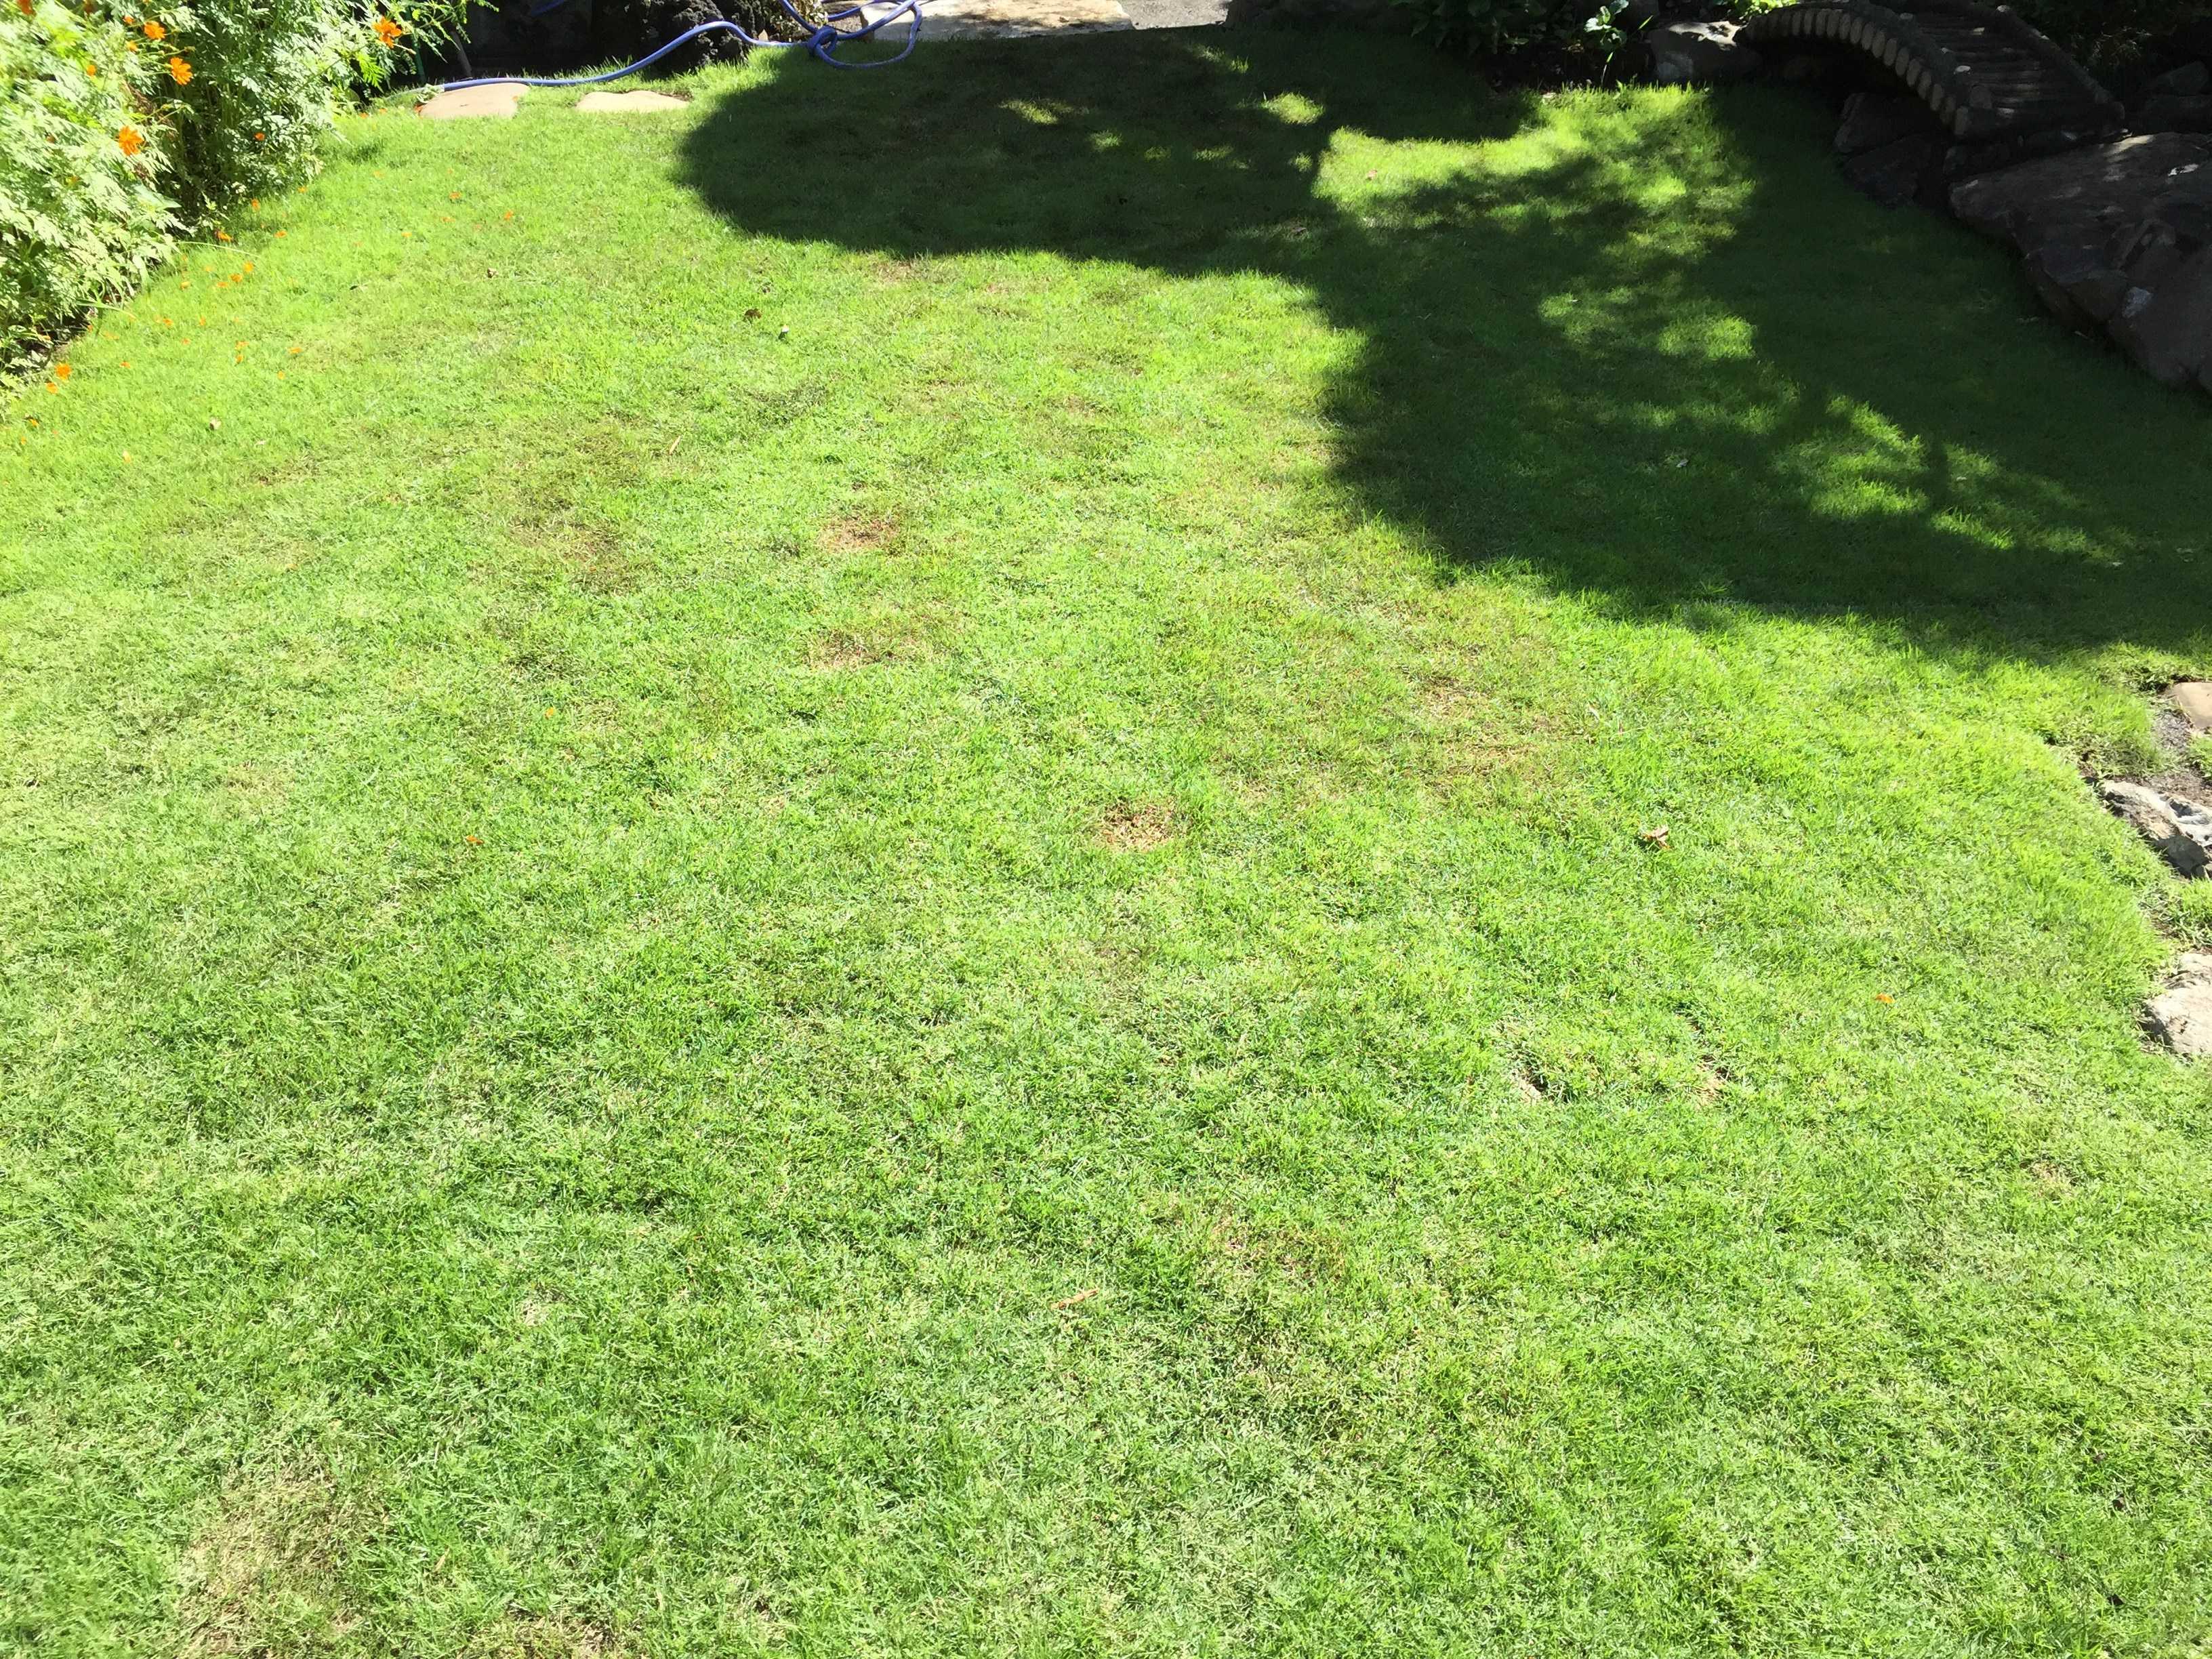 緑の芝生 TM9